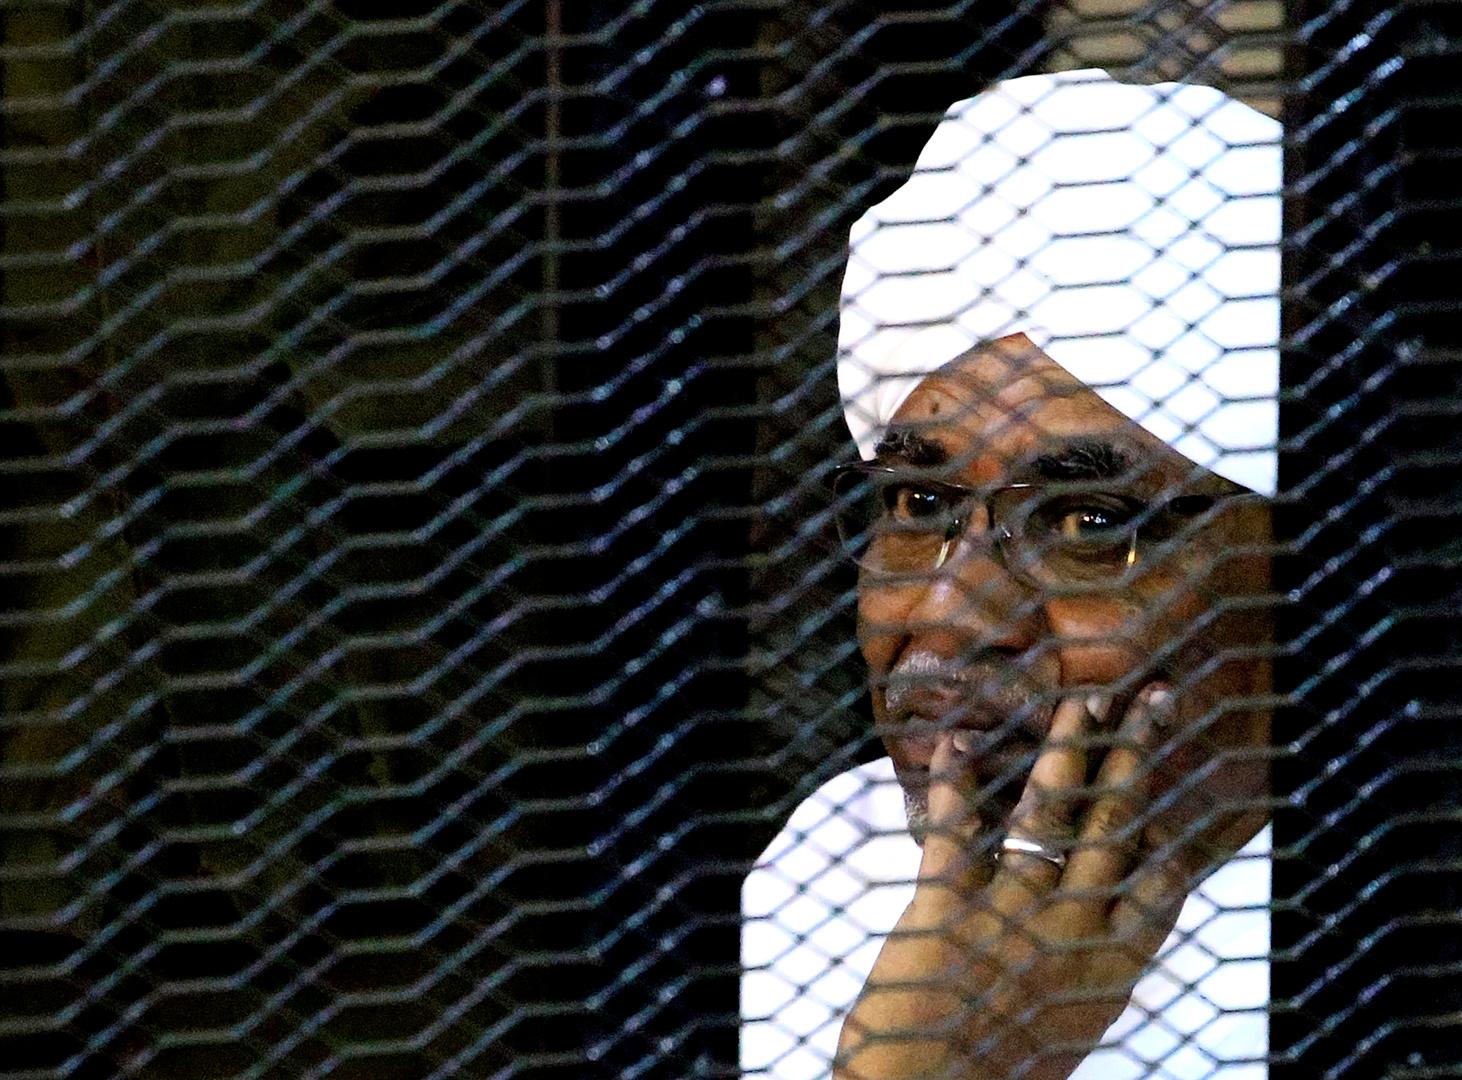 أولى جلسات محاكمة البشير وقيادات أخرى بتهمة الانقلاب التي قد تصل عقوبتها الإعدام